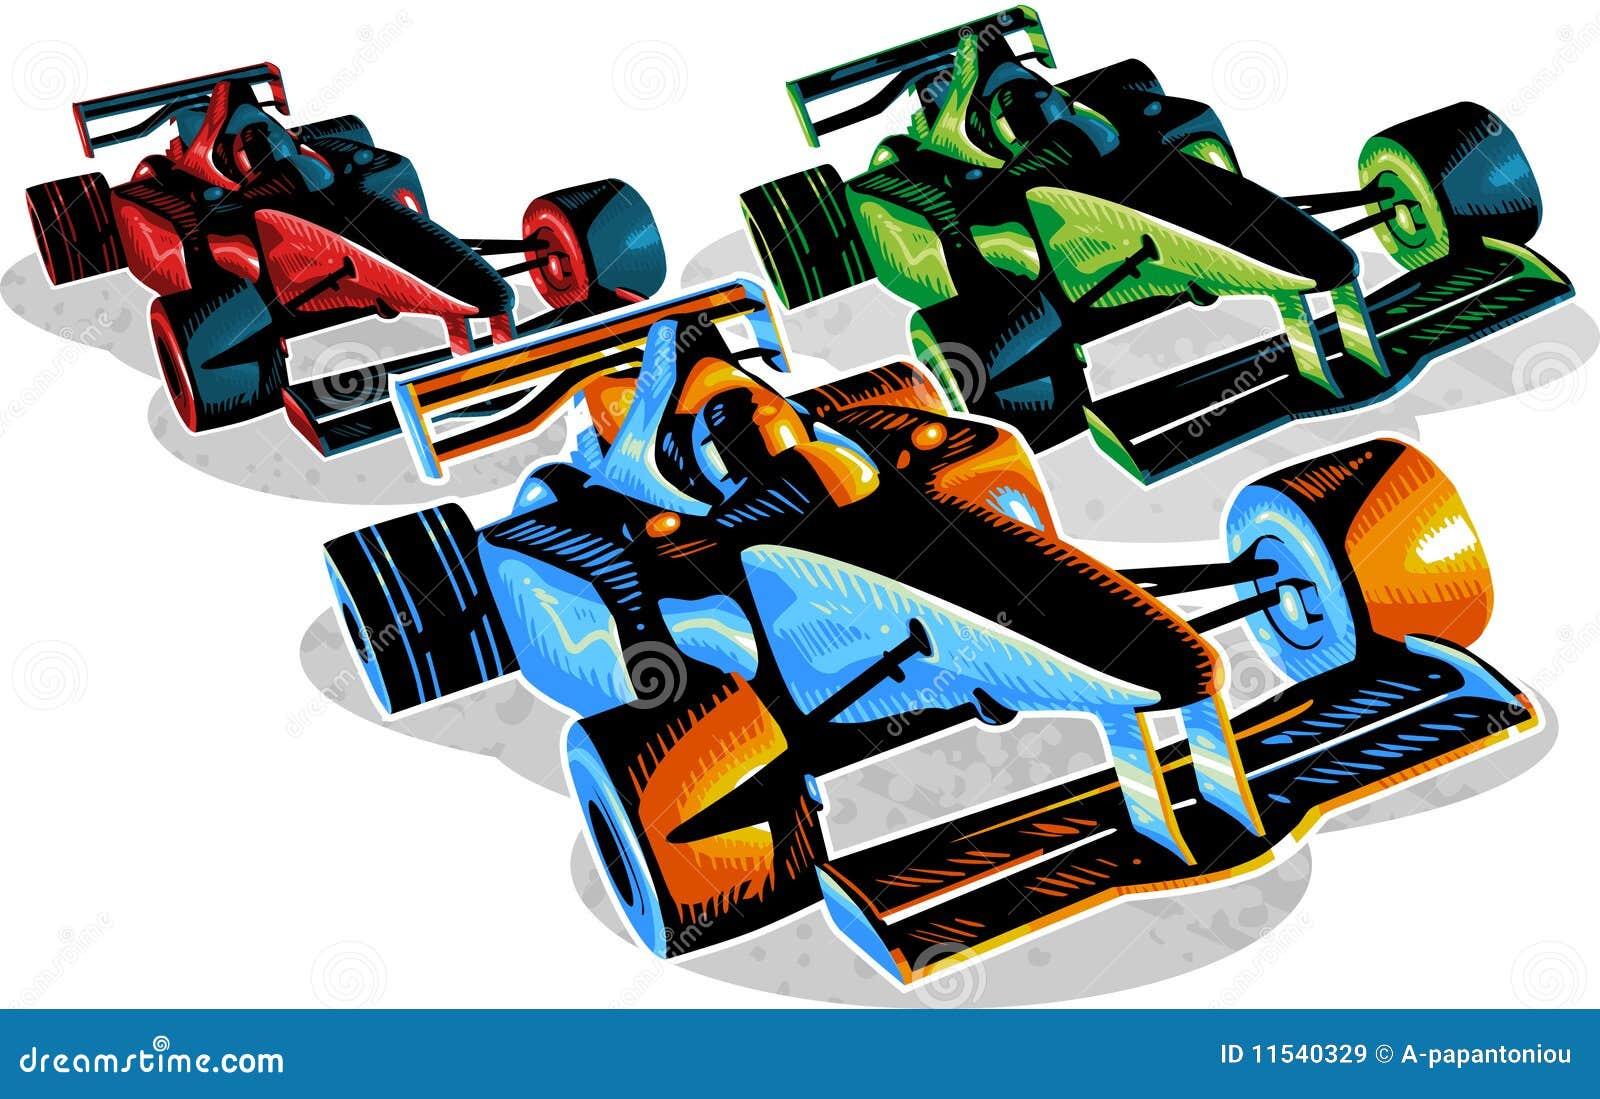 F1 Het Rennen Royalty-vrije Stock Afbeeldingen - Afbeelding: 11540329